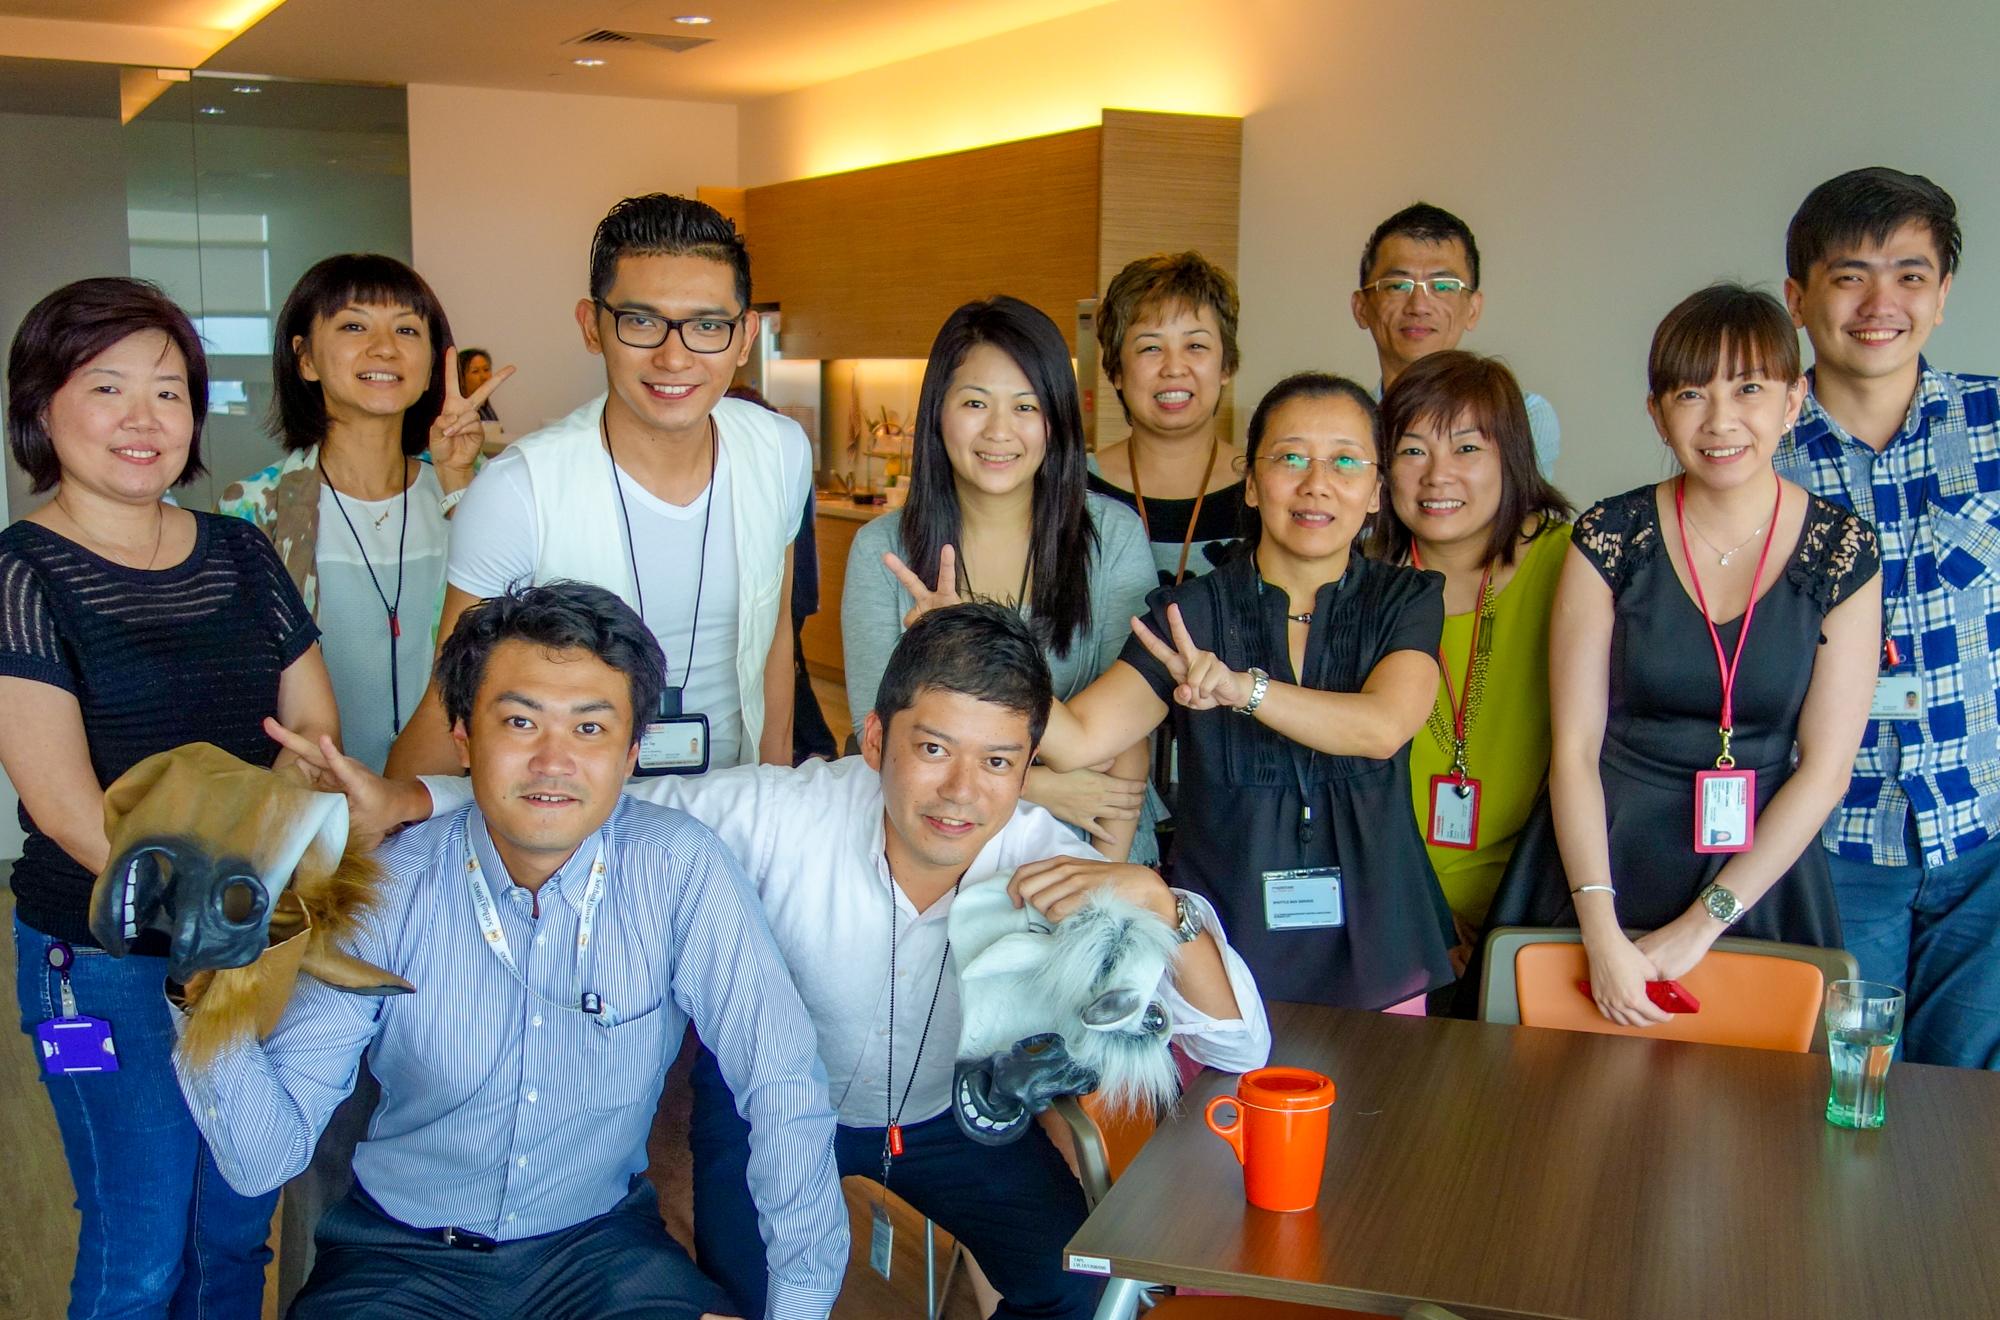 2014年、シンガポールにある現地法人のオフィスで、職場の仲間と。前列の左から2番目が片山氏。